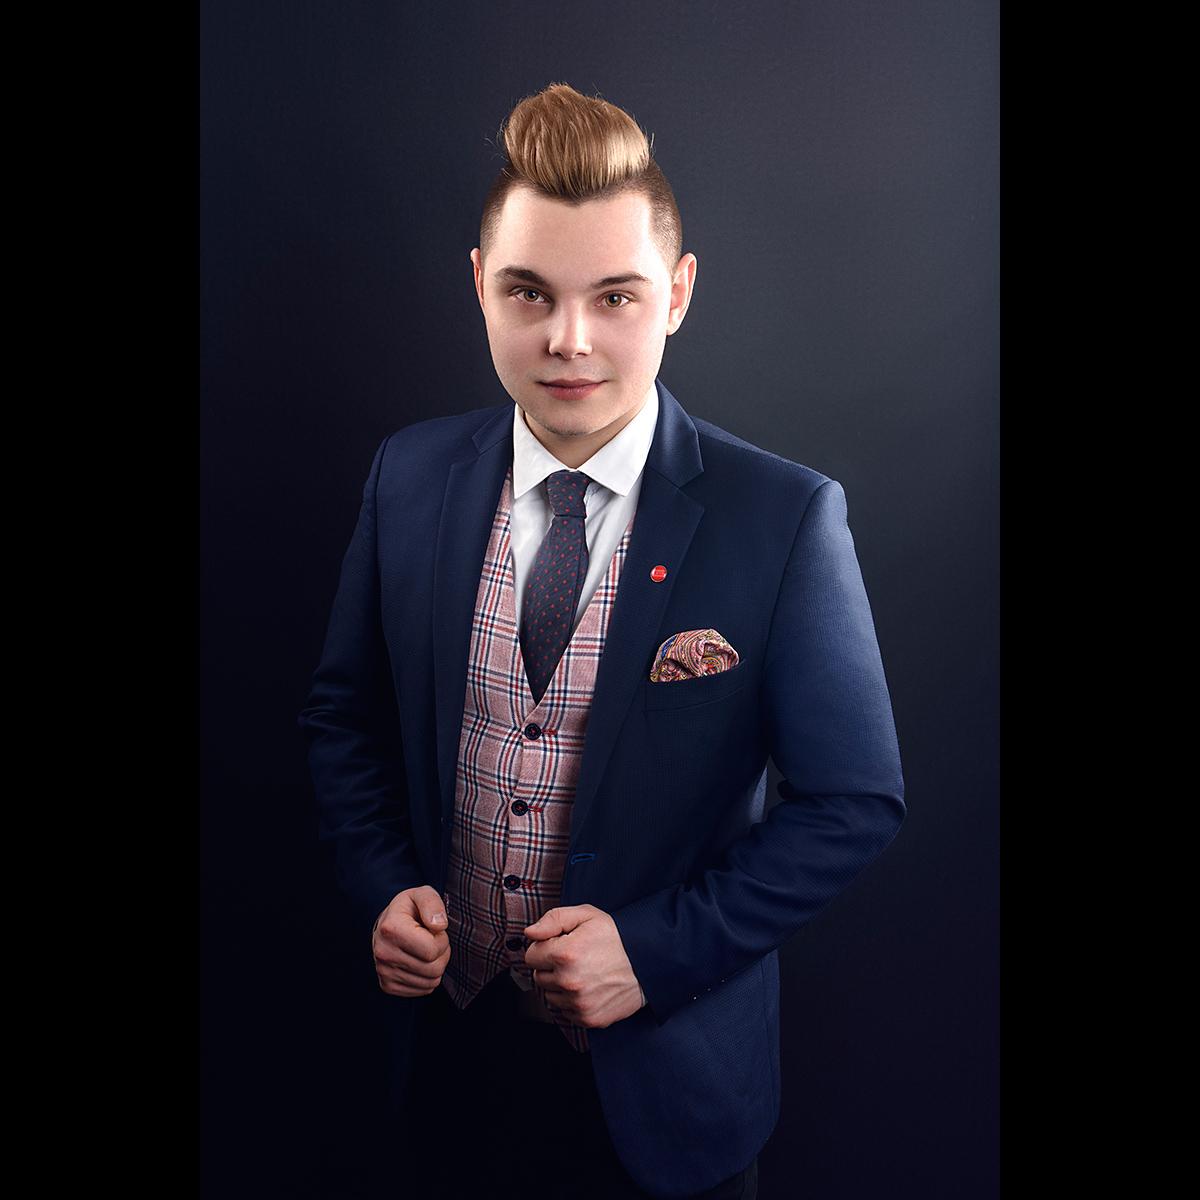 Łukasz Liszko - fotografia biznesowa - wizerunkowa - DJ Shine